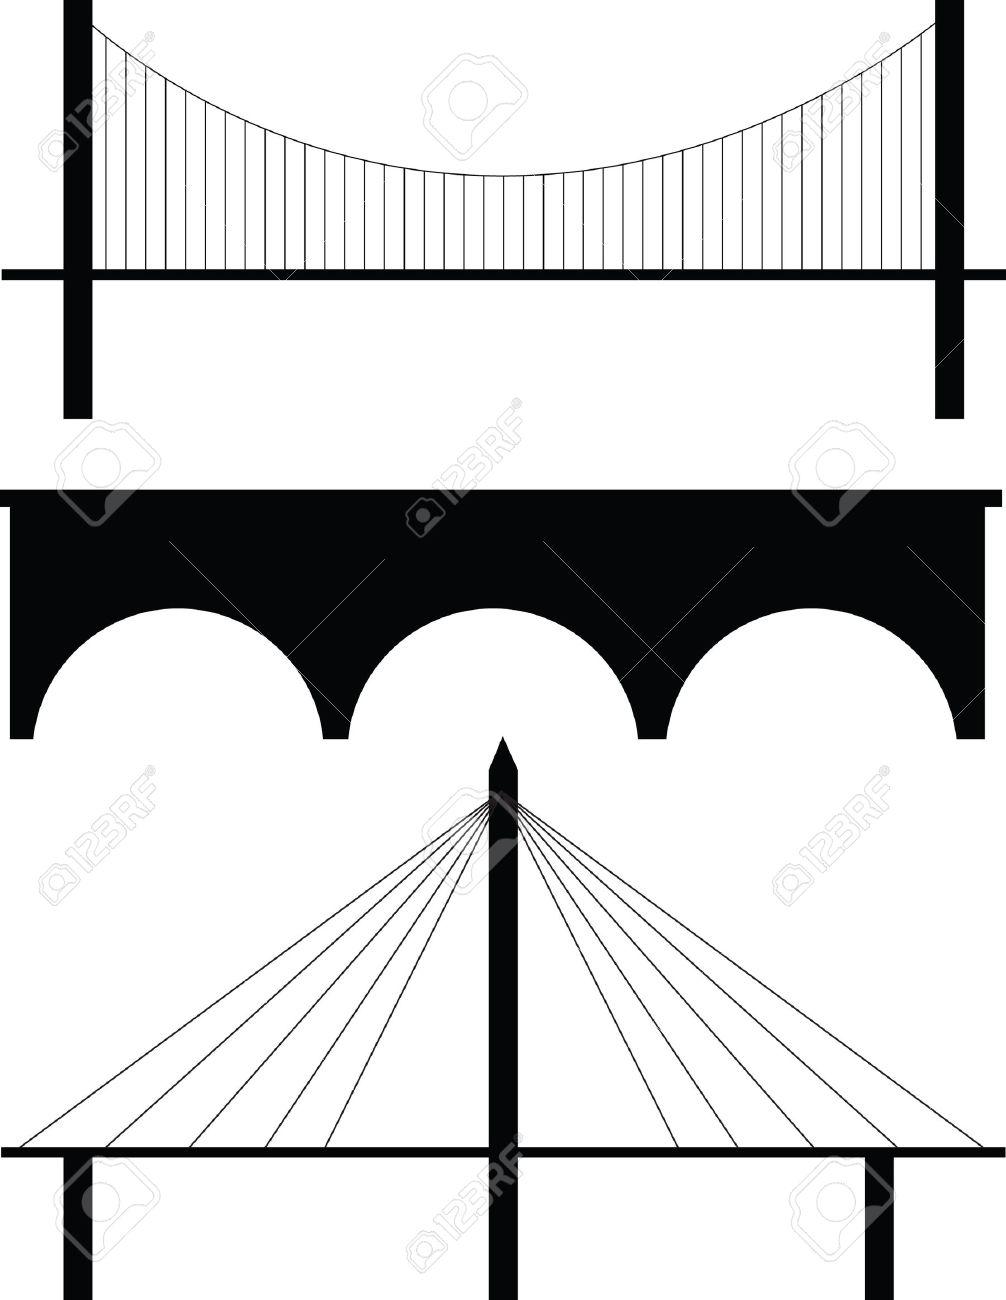 Wide bridge clipart clip art download Bridge Clipart Black And White | Free download best Bridge ... clip art download